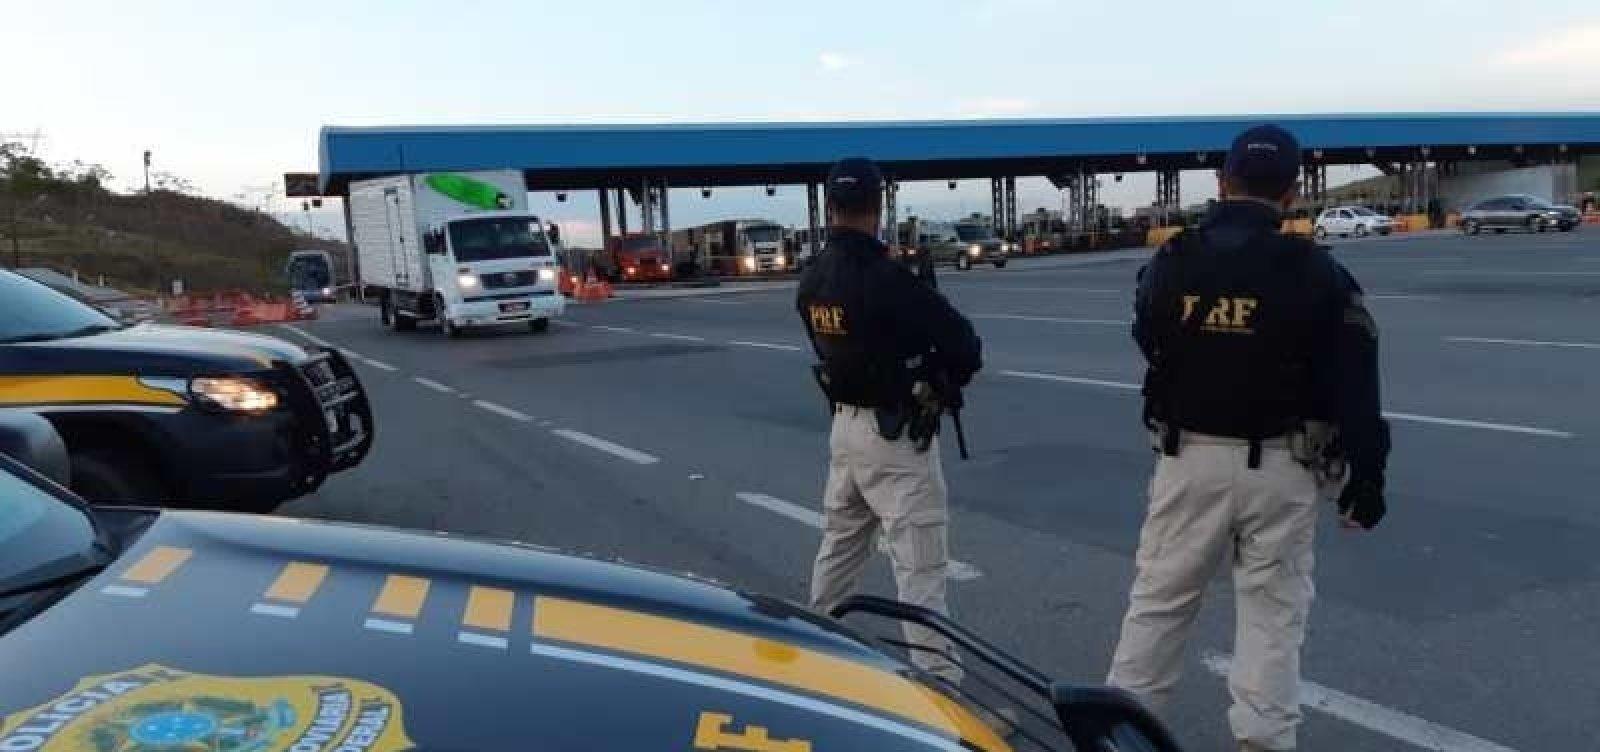 PRF multa 119 motoristas por dirigirem alcoolizados no feriadão da Proclamação da República